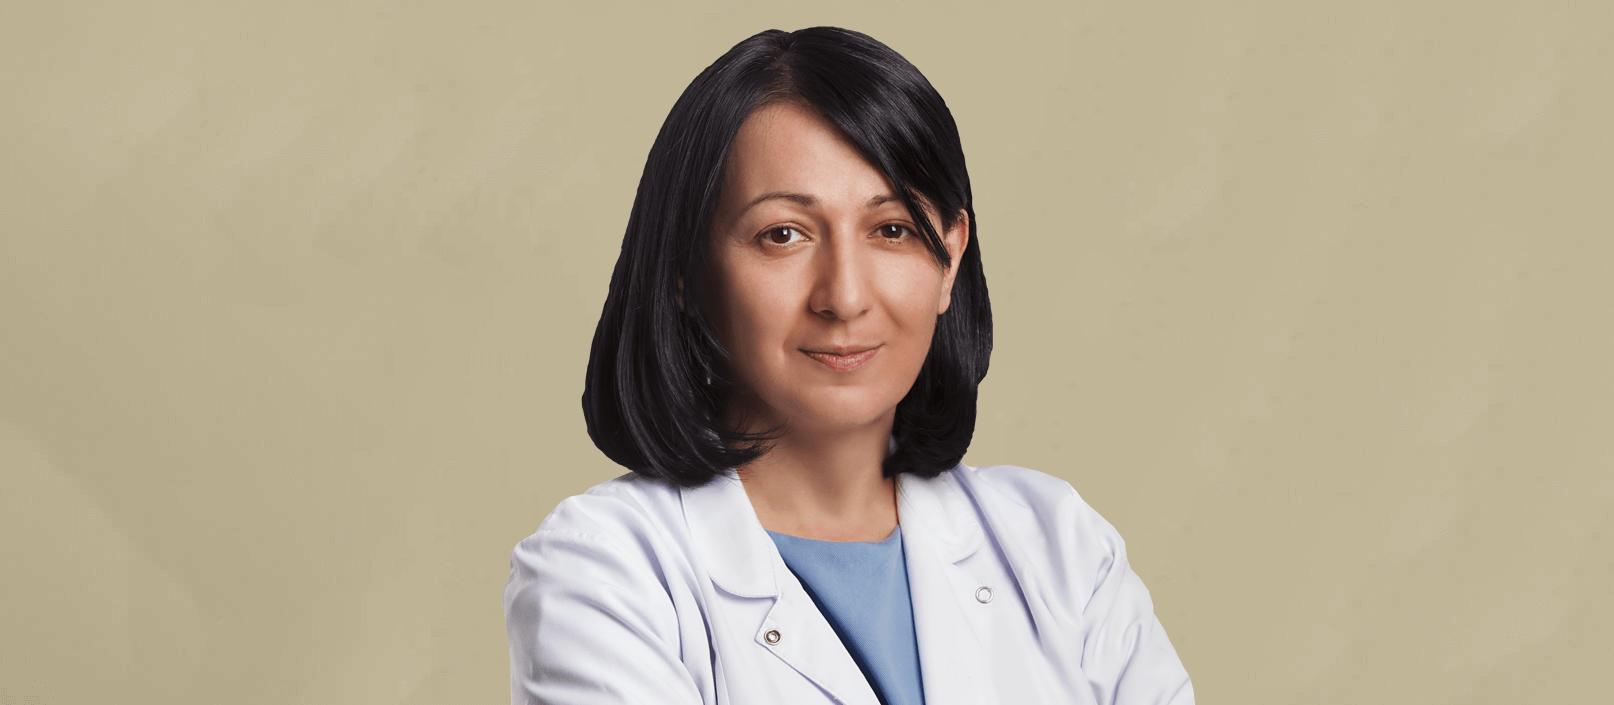 Ана Боколишвили